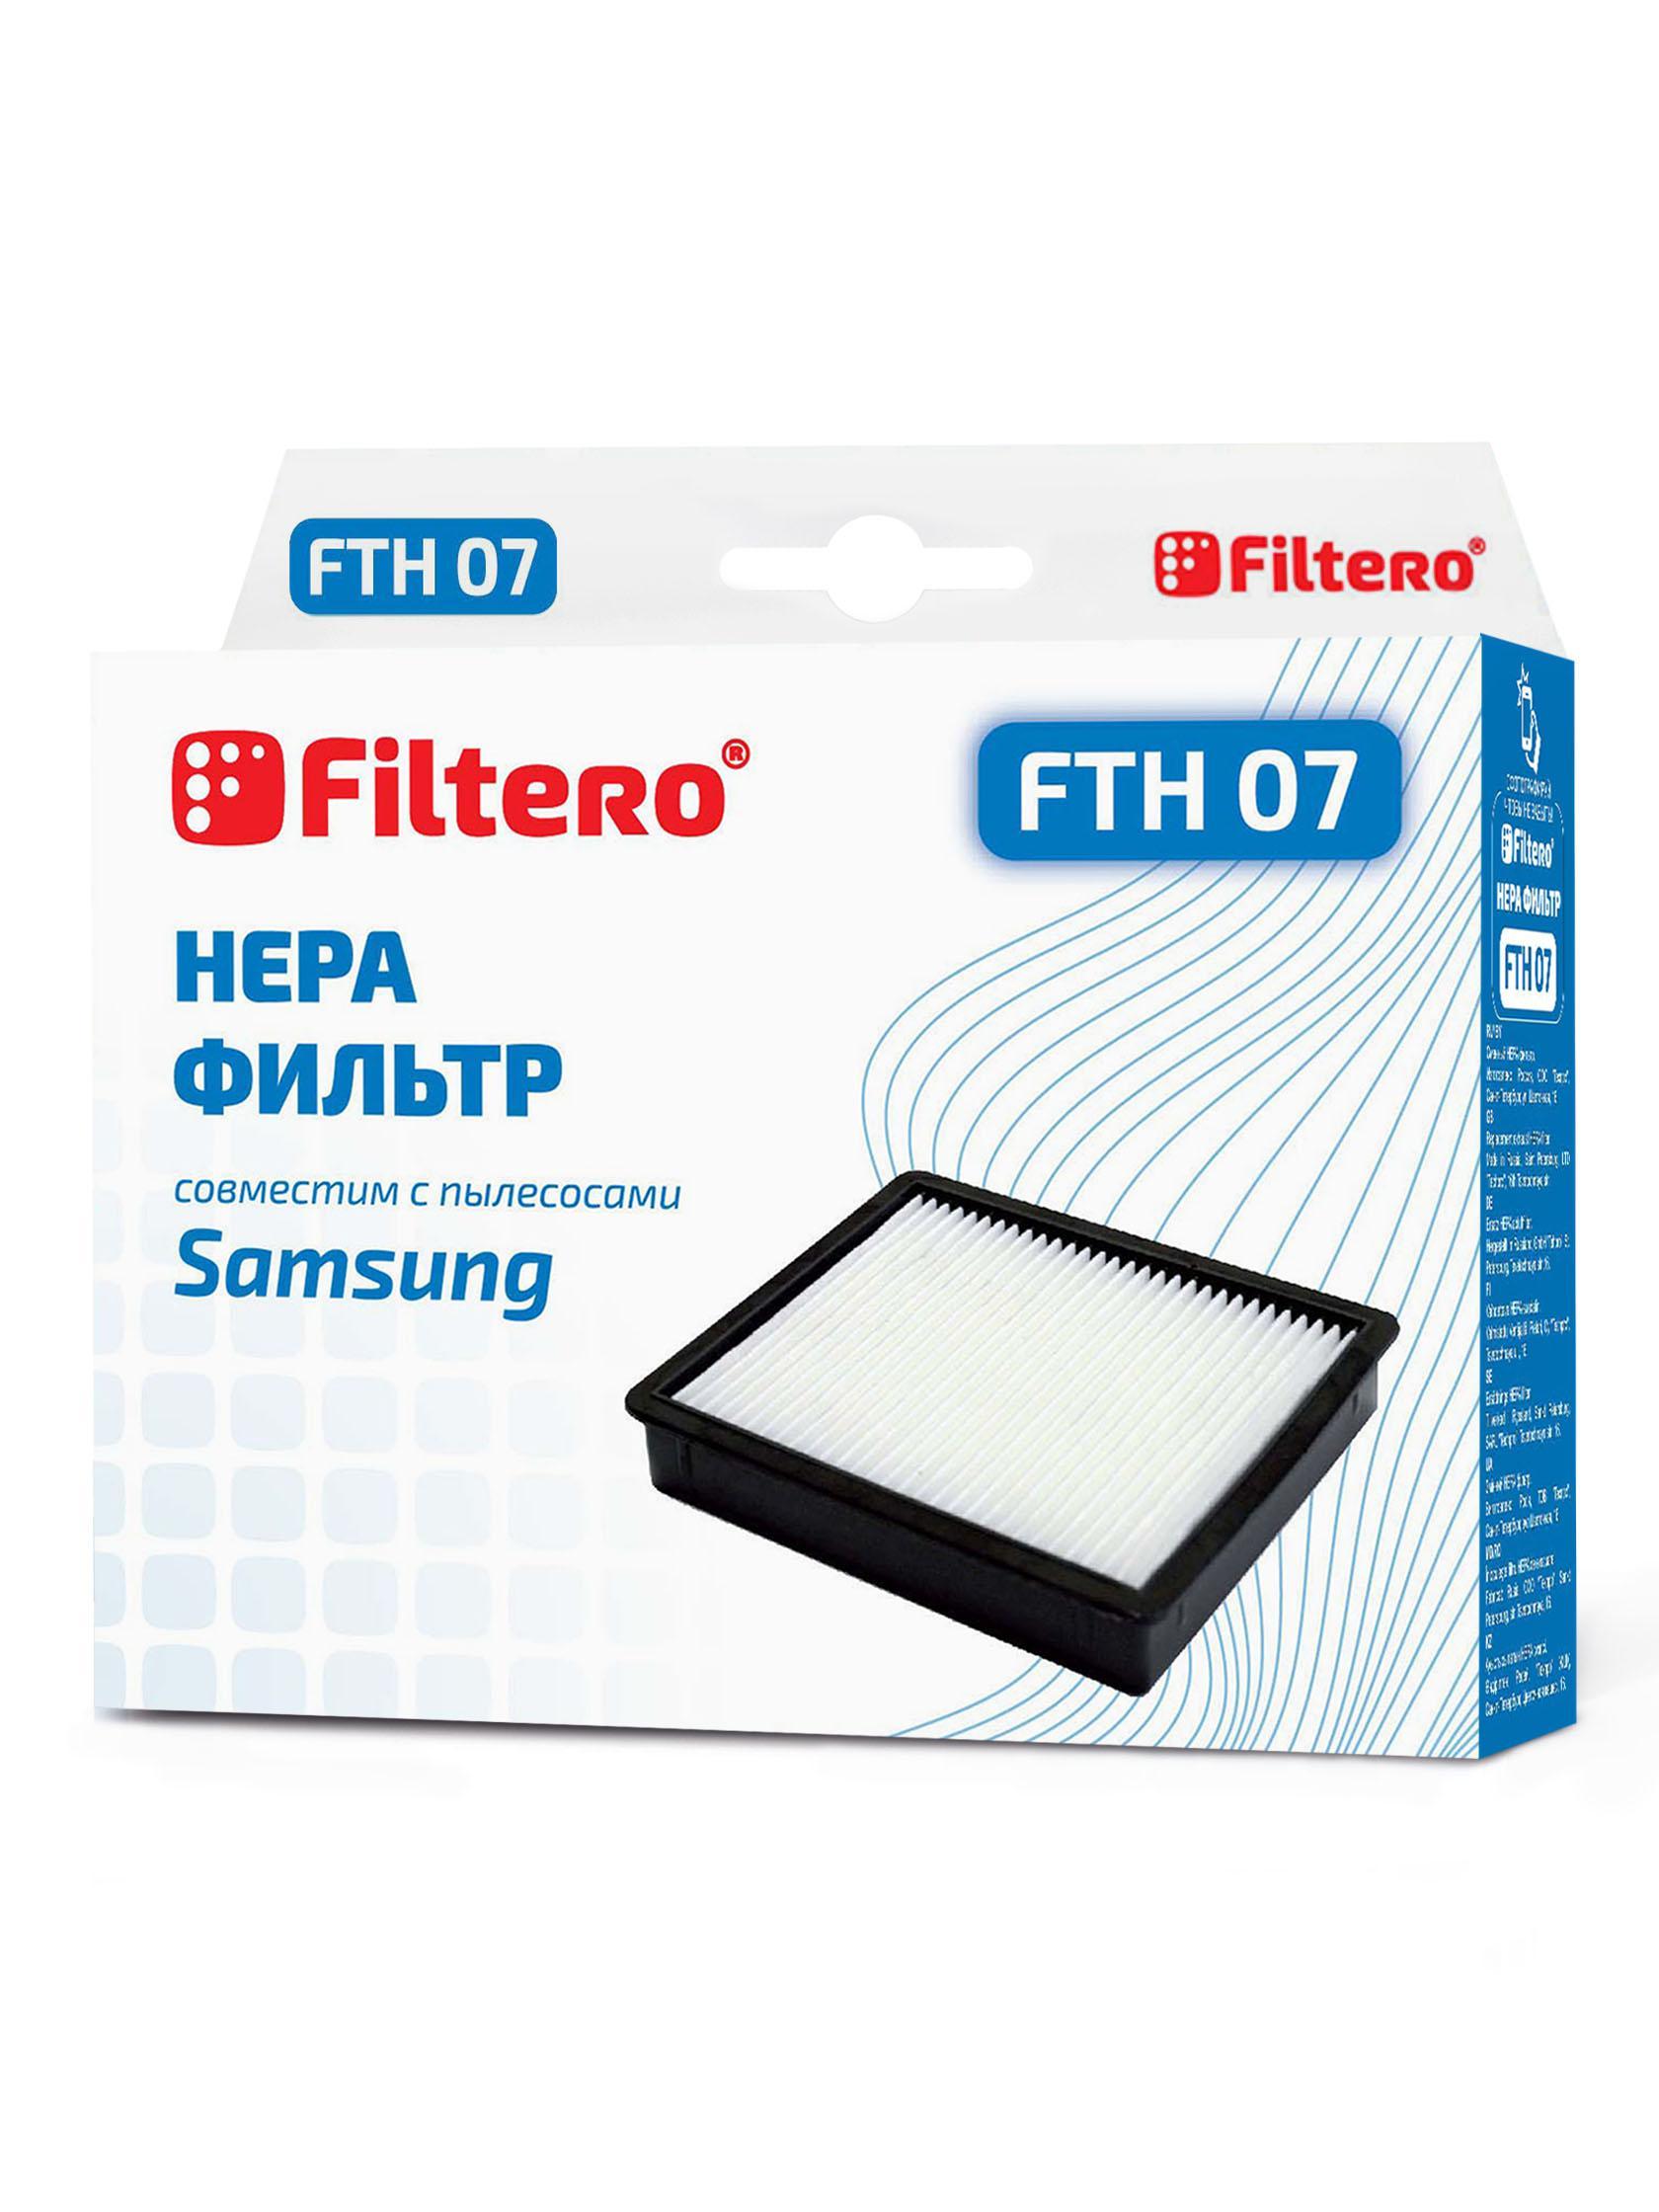 Фильтр Filtero Fth 07 sam фильтр filtero fth 04 sam hepa для samsung